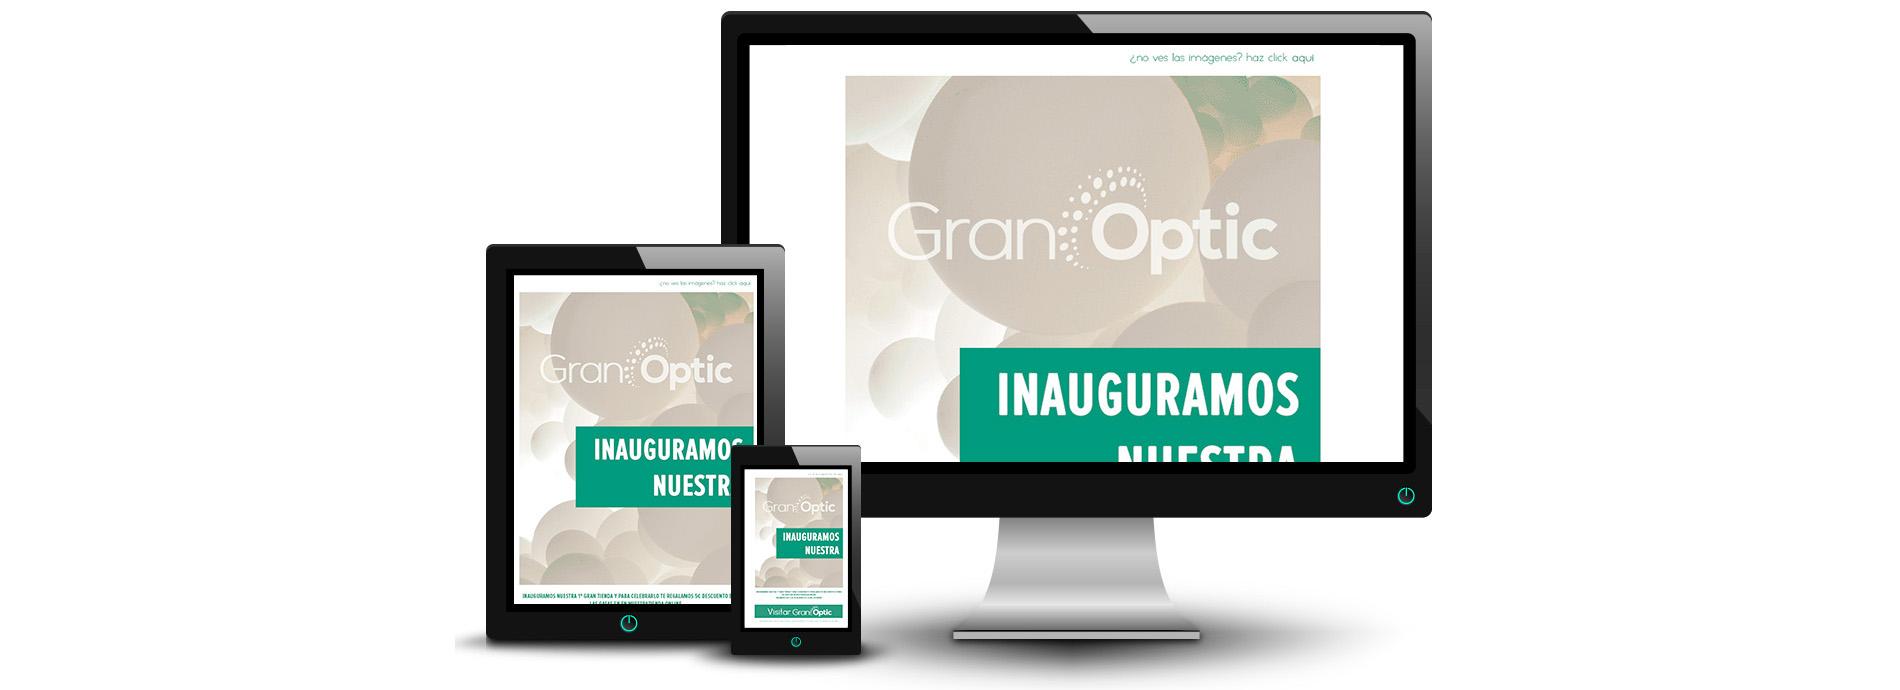 granoptic3